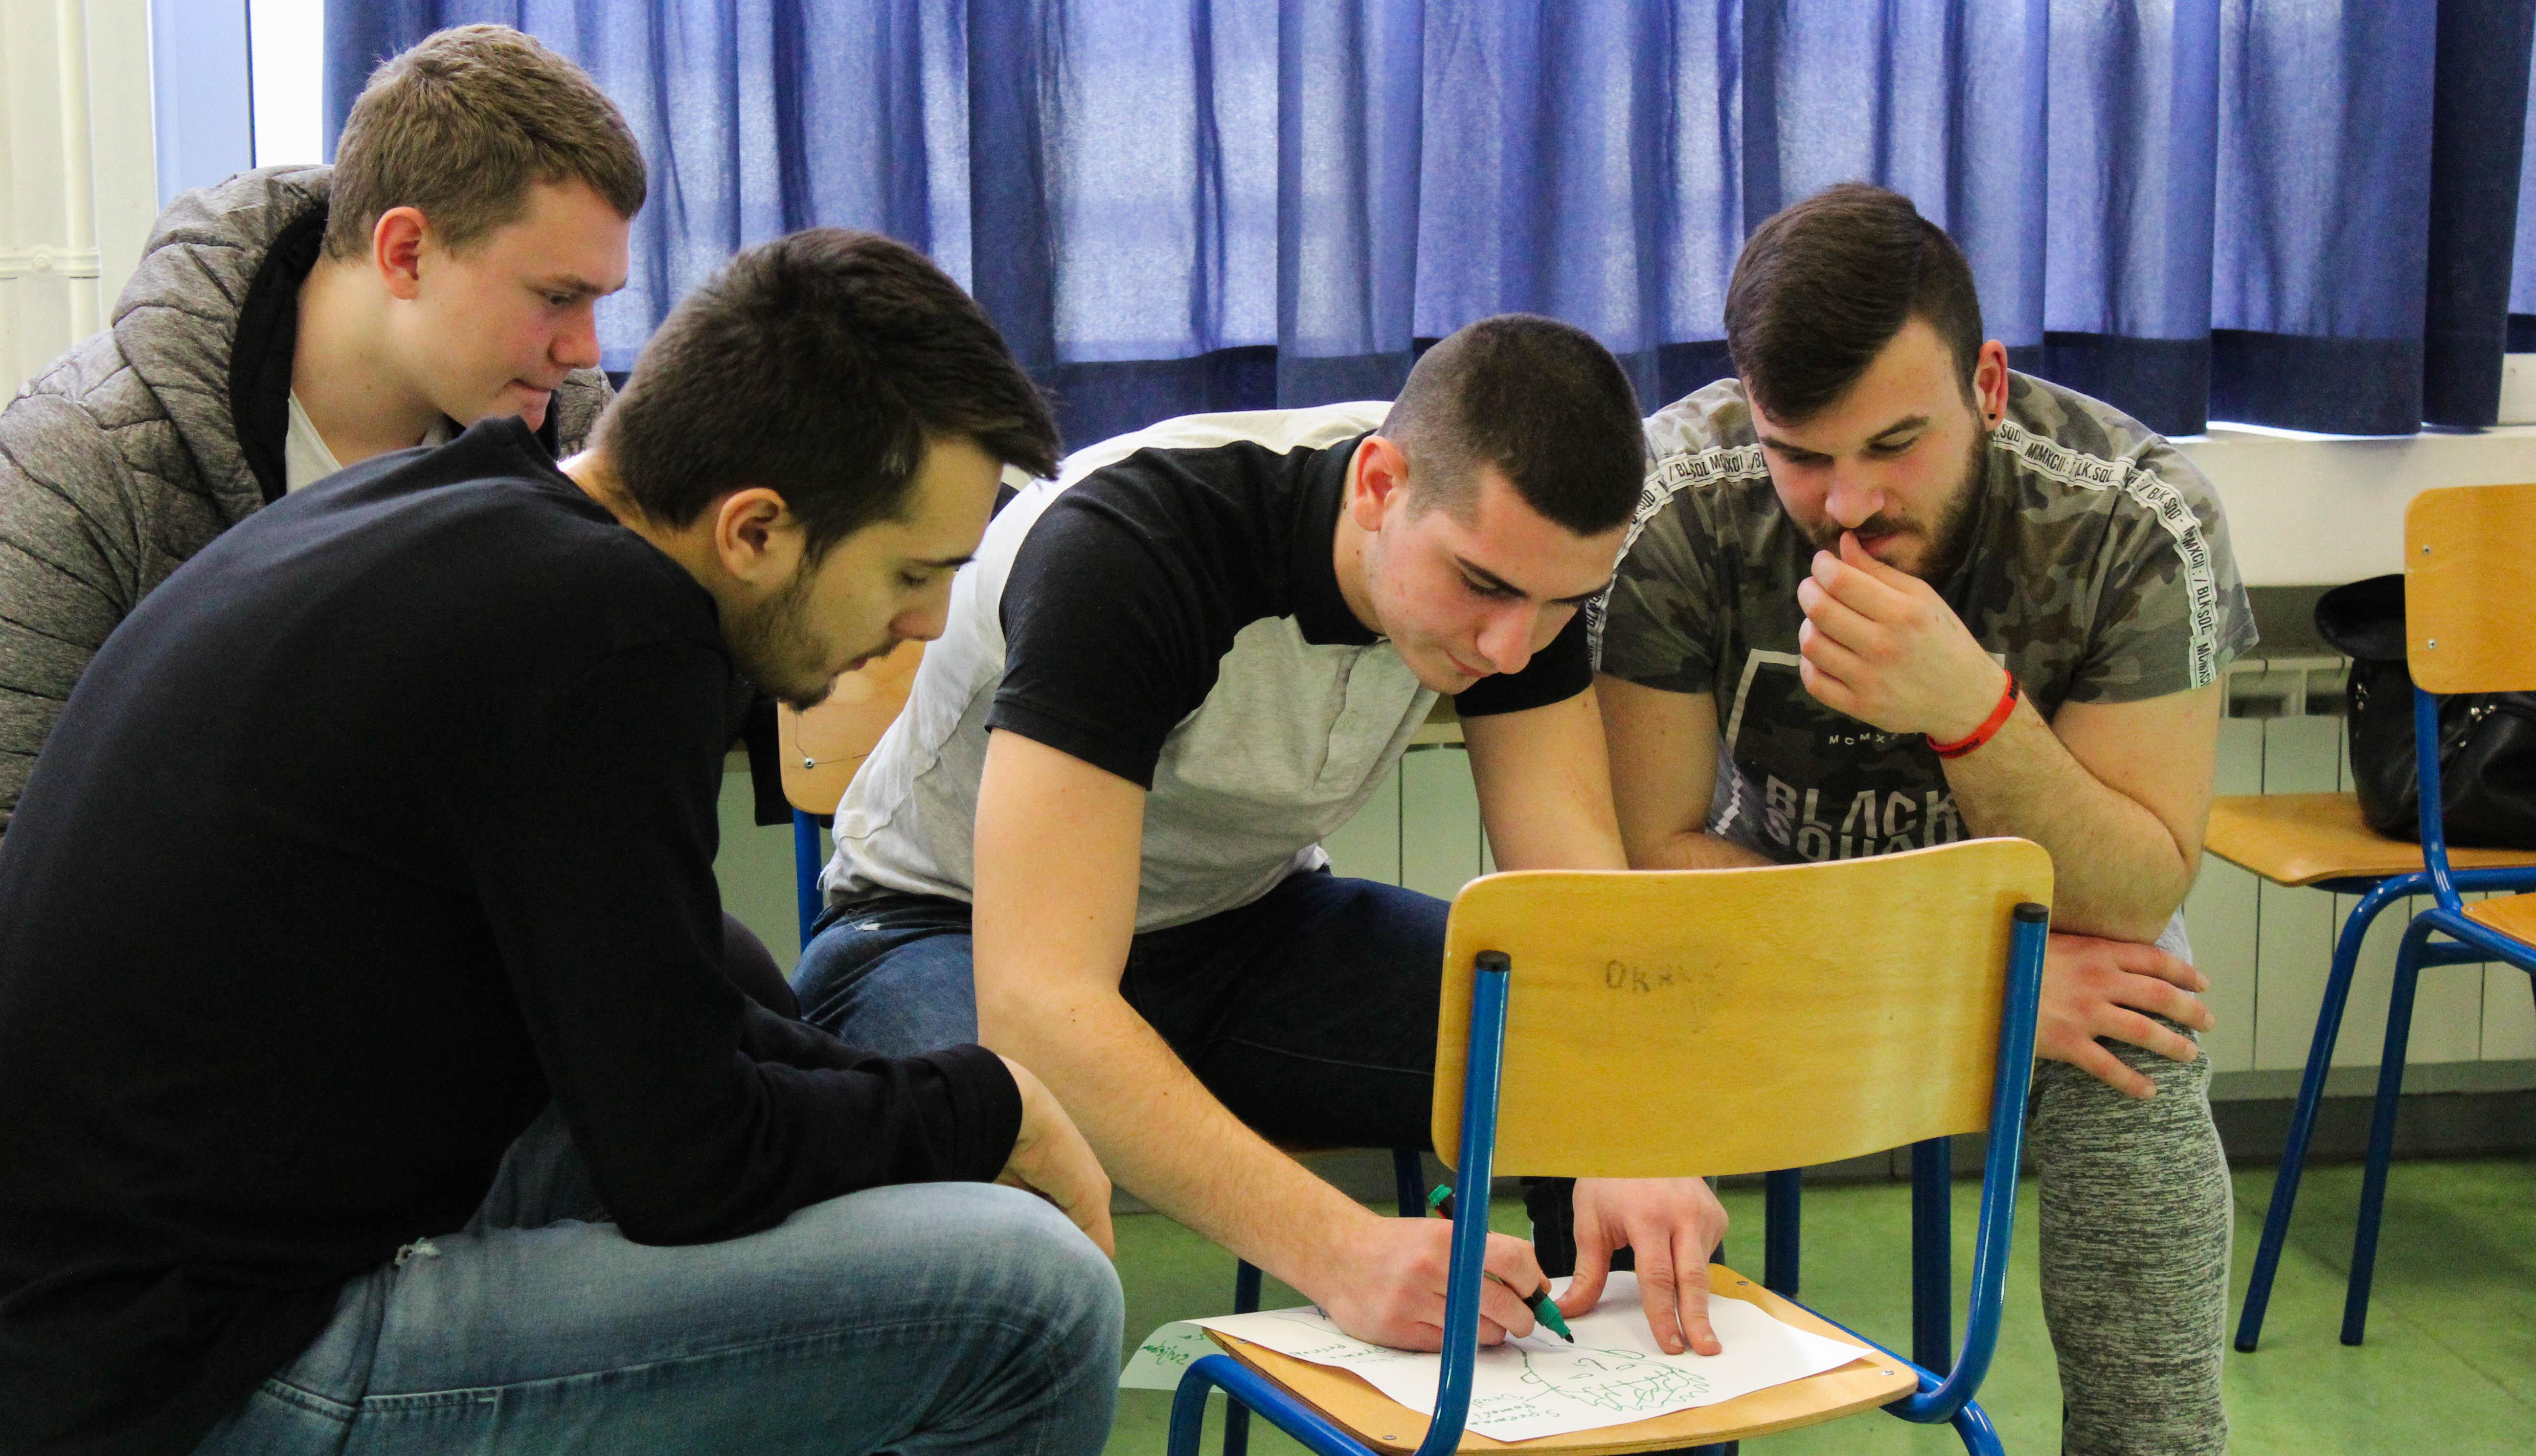 Održali smo prvu radionicu o volontiranju sa učenicima Obrtne tehničke škole Split